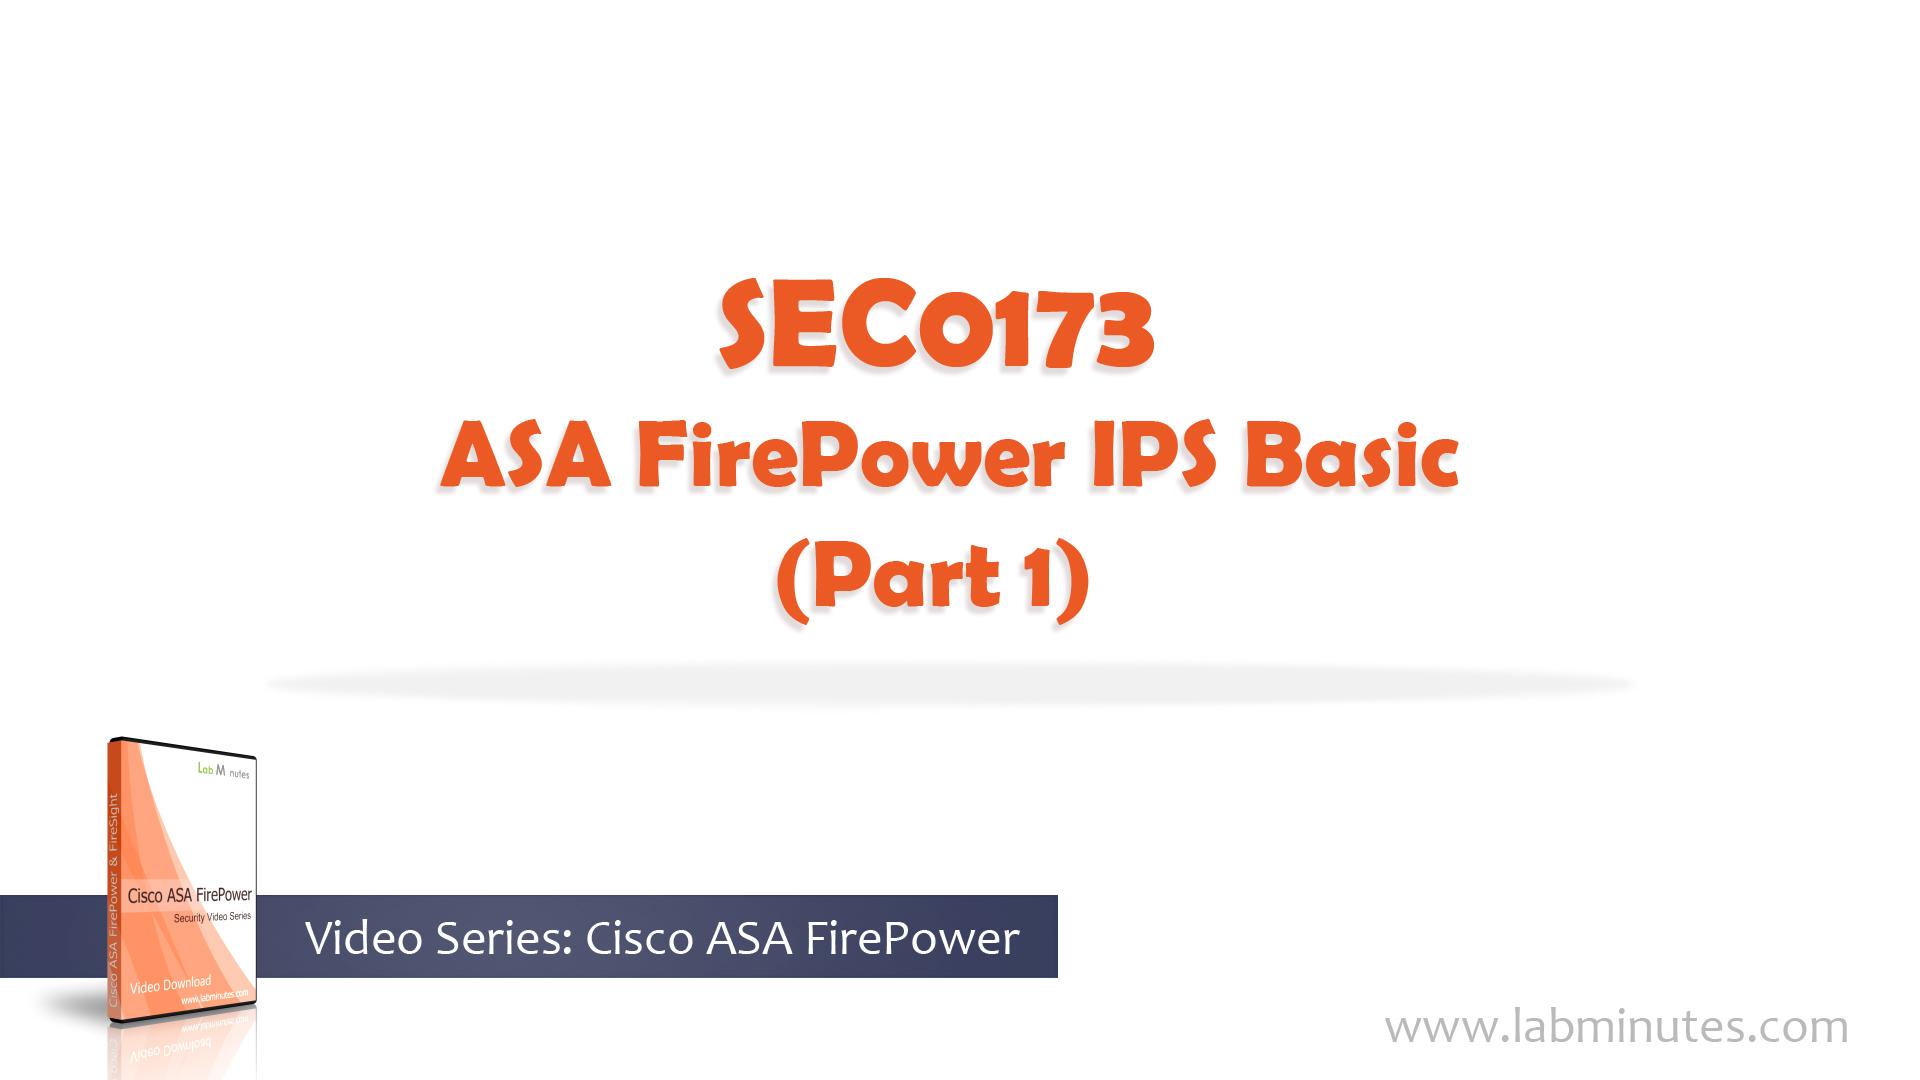 How to Configure Cisco ASA FirePower IPS Basic (Part 1)